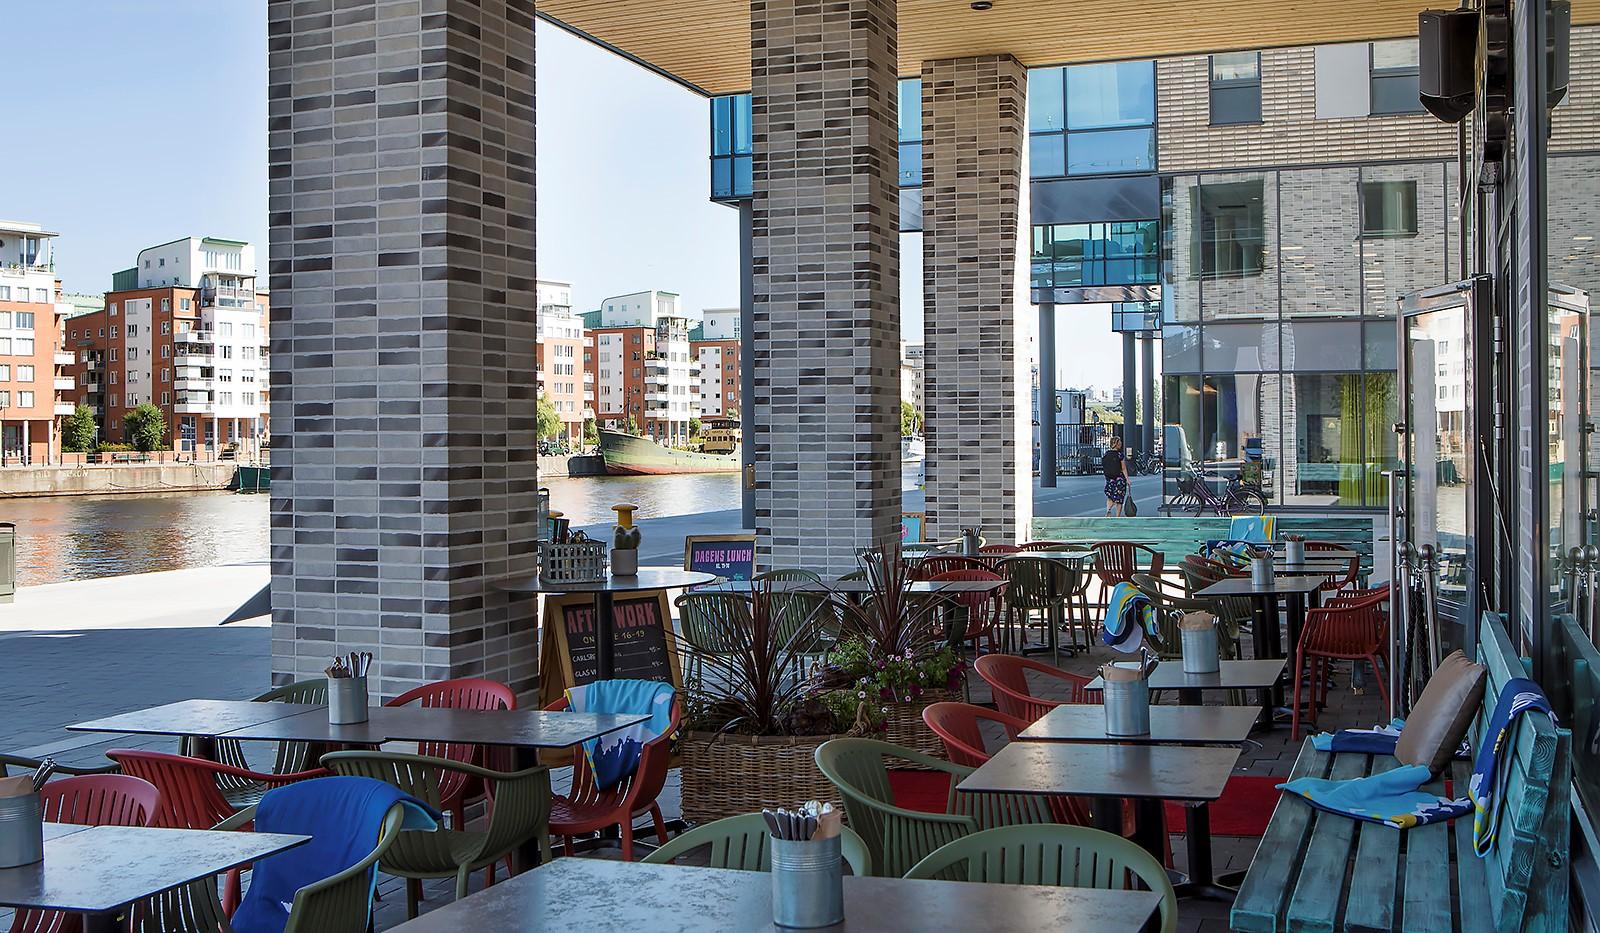 Fredriksdalsgatan 24, vån 2 - Taco Bar med uteservering belägen längs med kajen